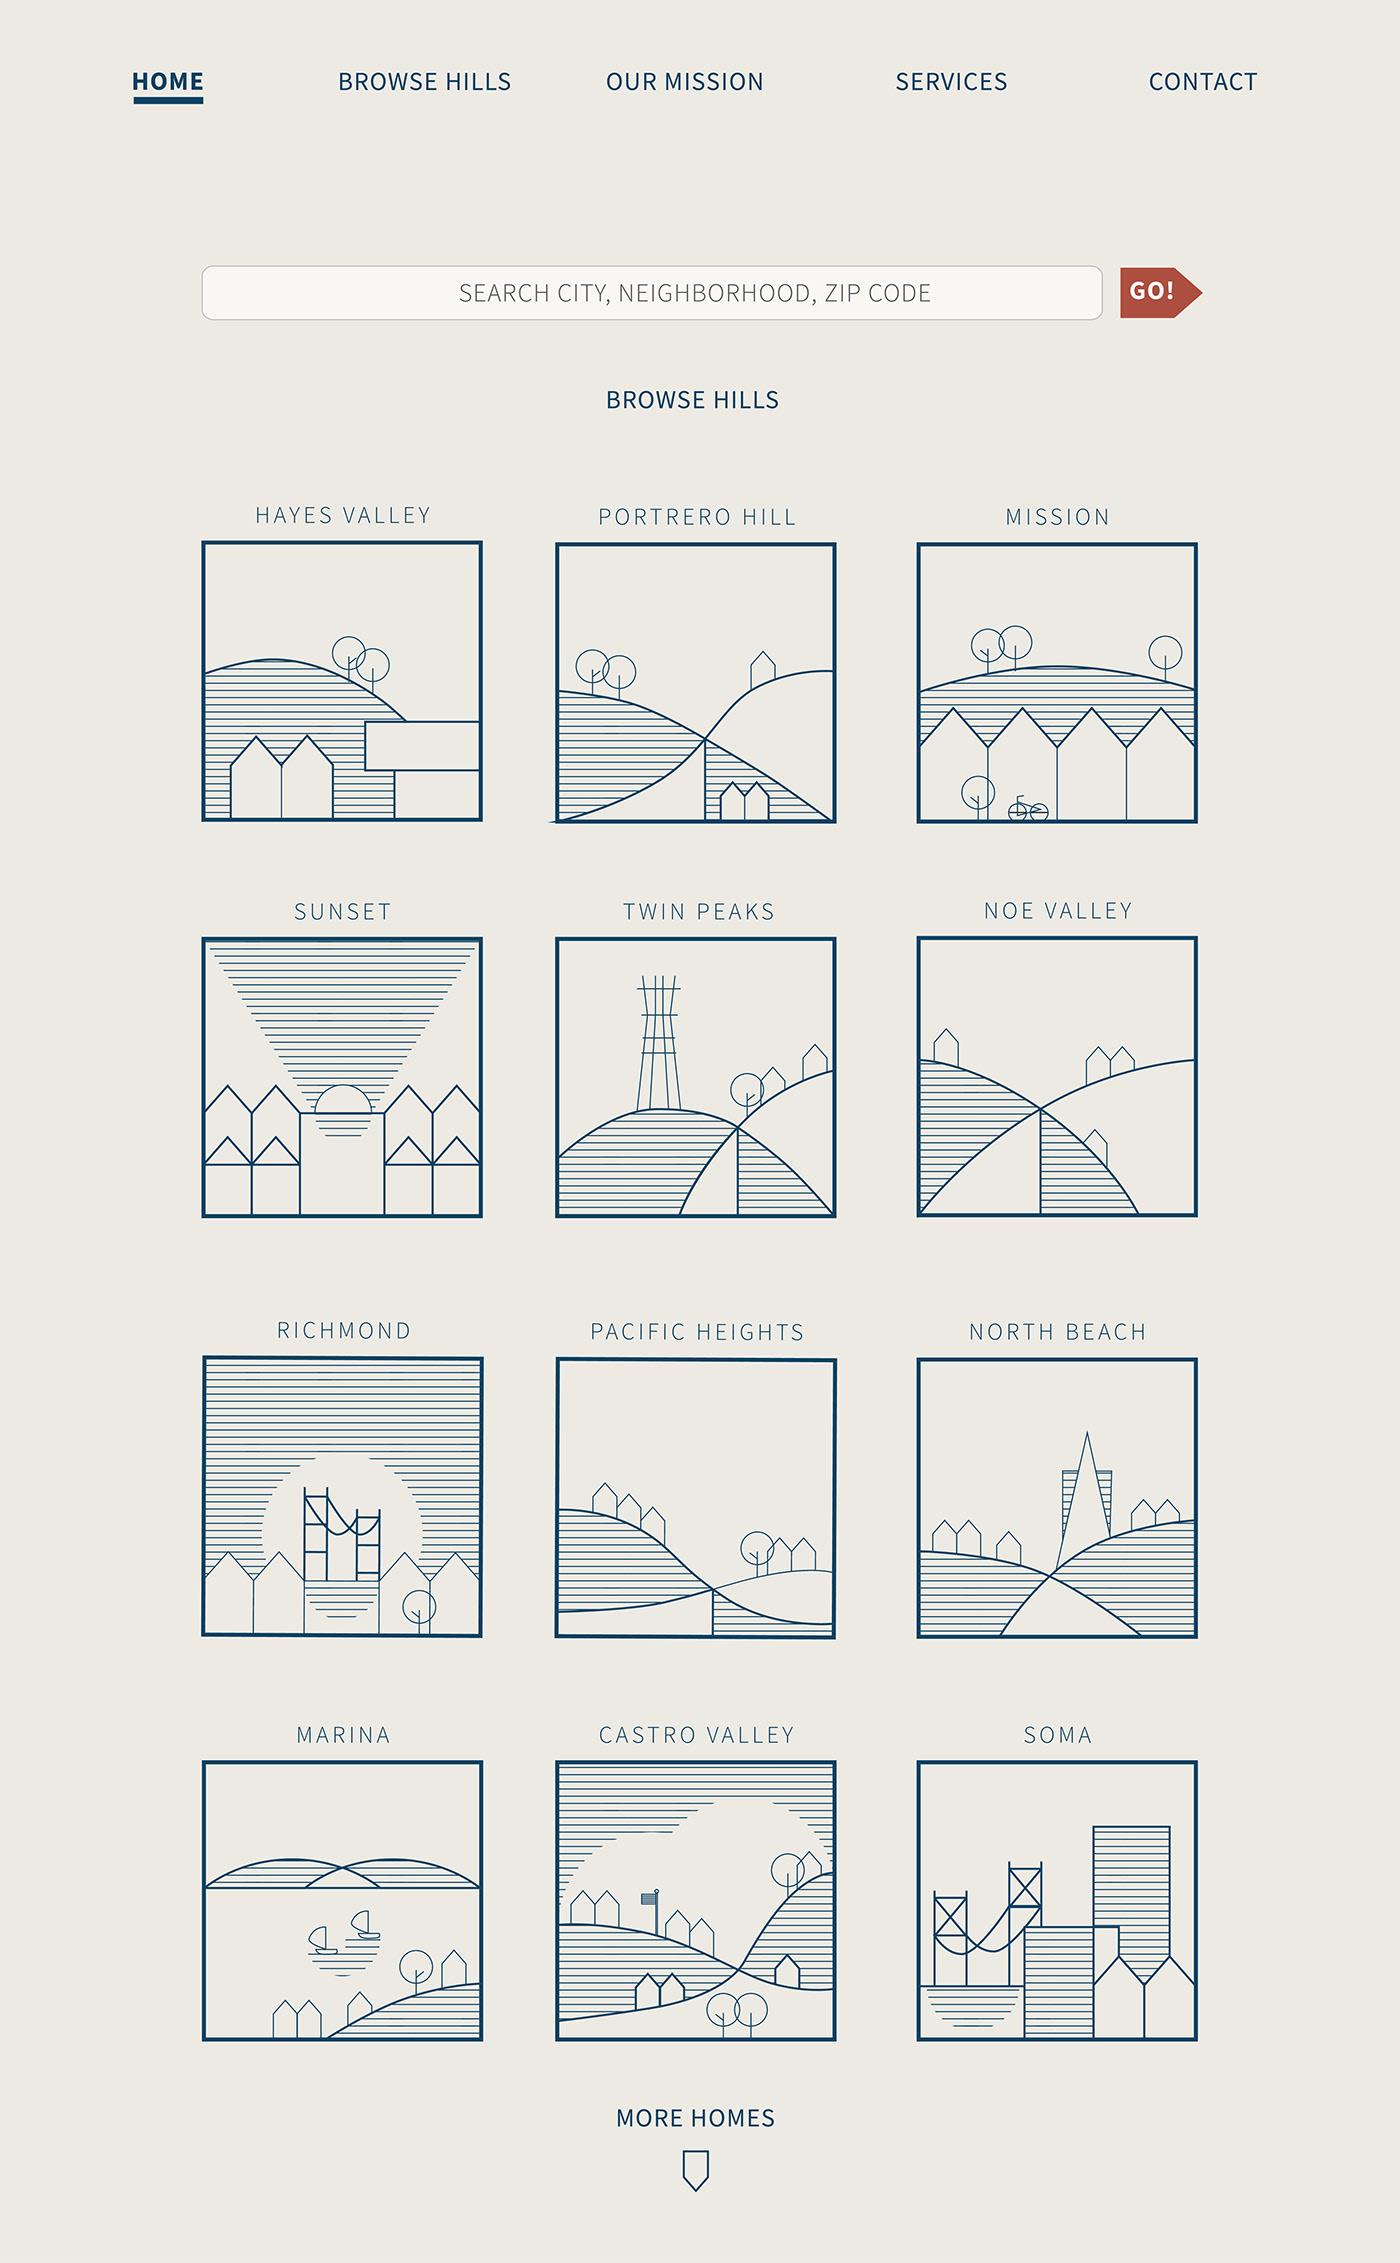 Brand Design brand graphic design  icon design  Logo Design Web Design  real estate Style Guide